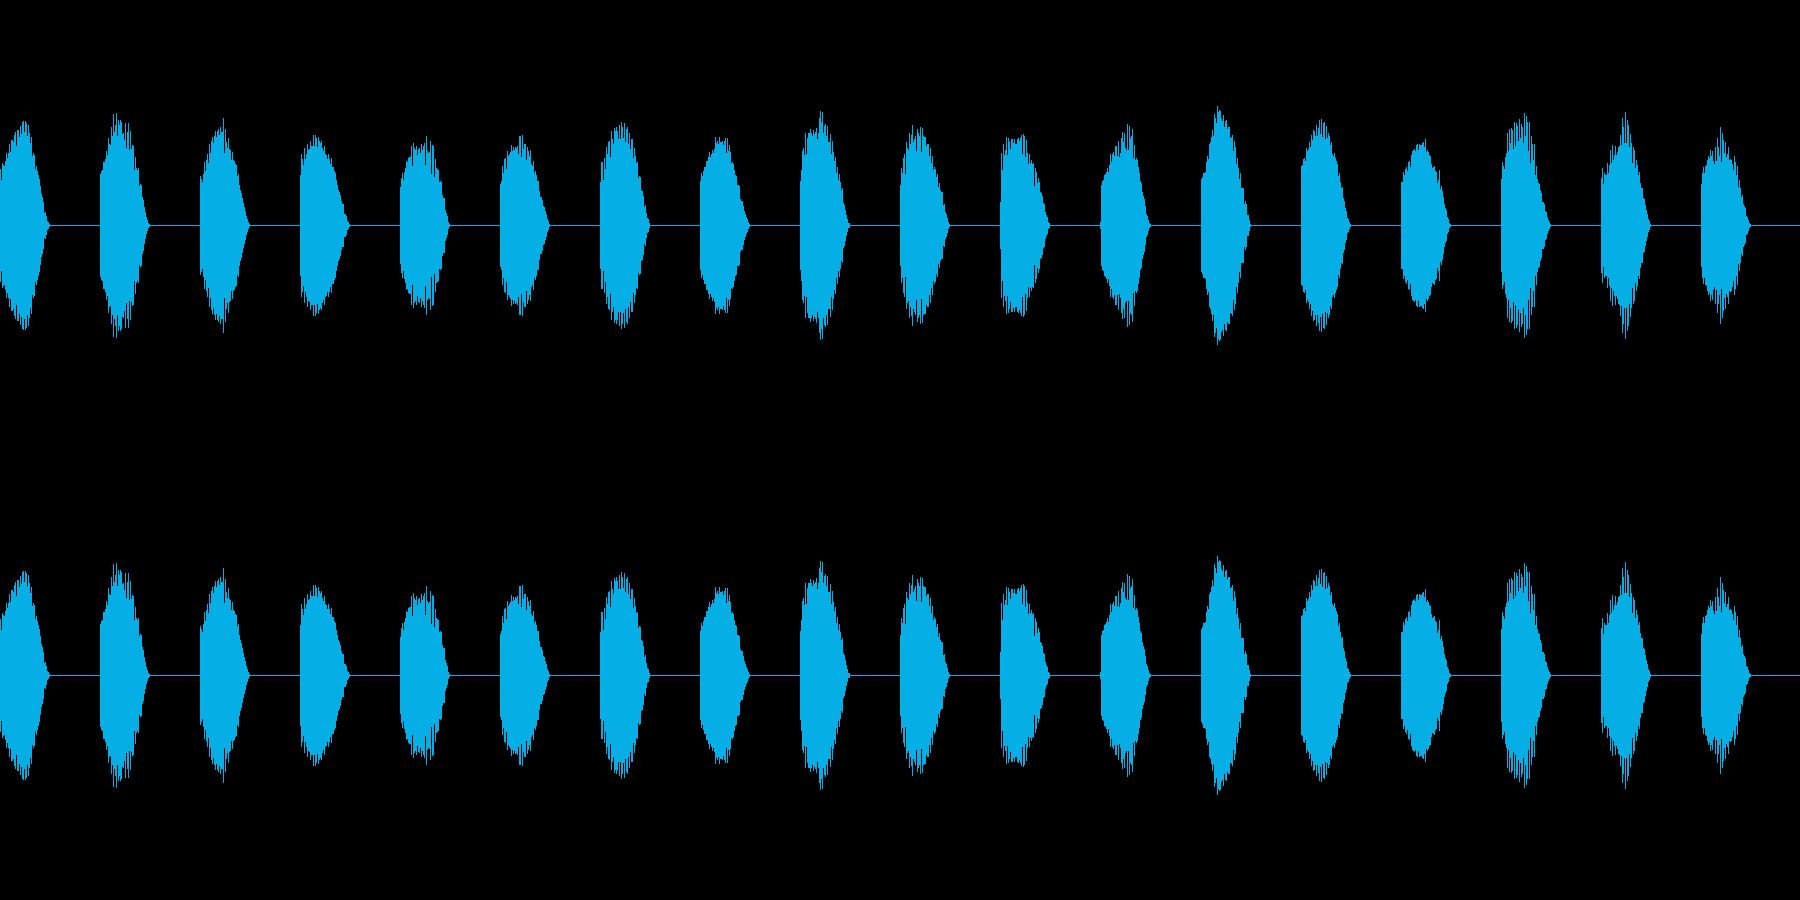 ※危険ブザー「ビー(連続)」不快音18回の再生済みの波形